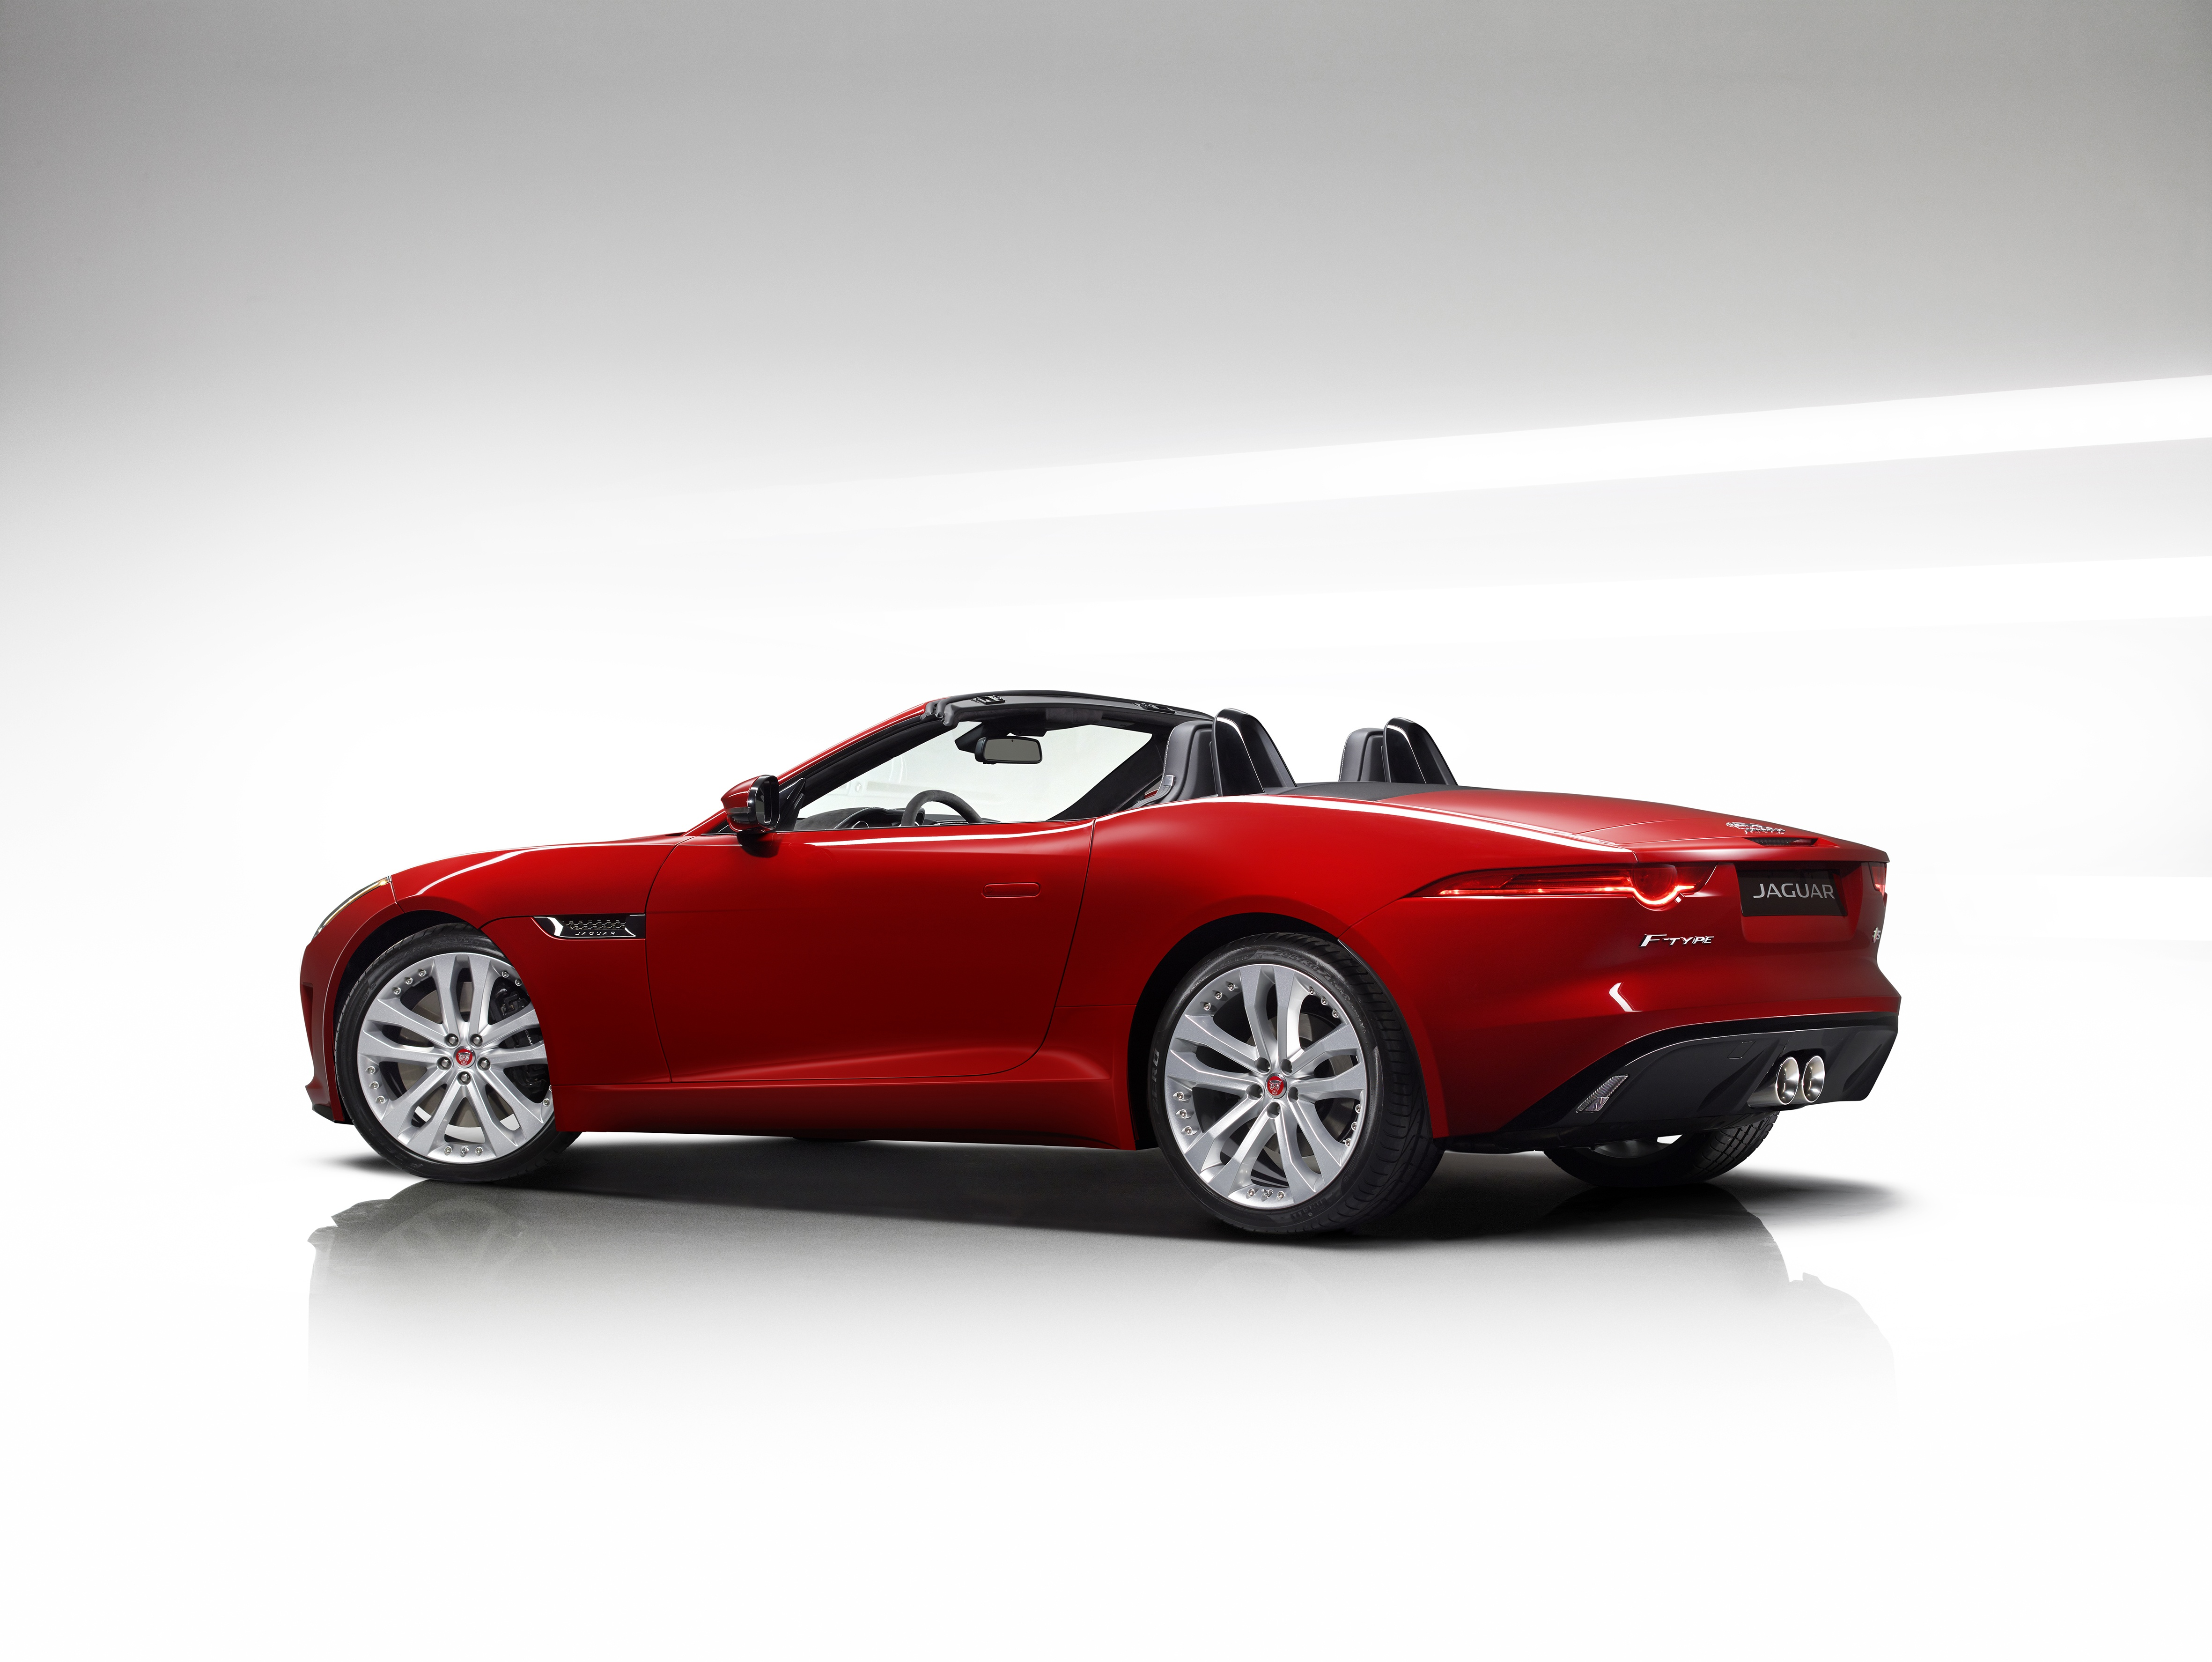 jaguar f type gets manual option 542 hp r cabrio image 292062. Black Bedroom Furniture Sets. Home Design Ideas